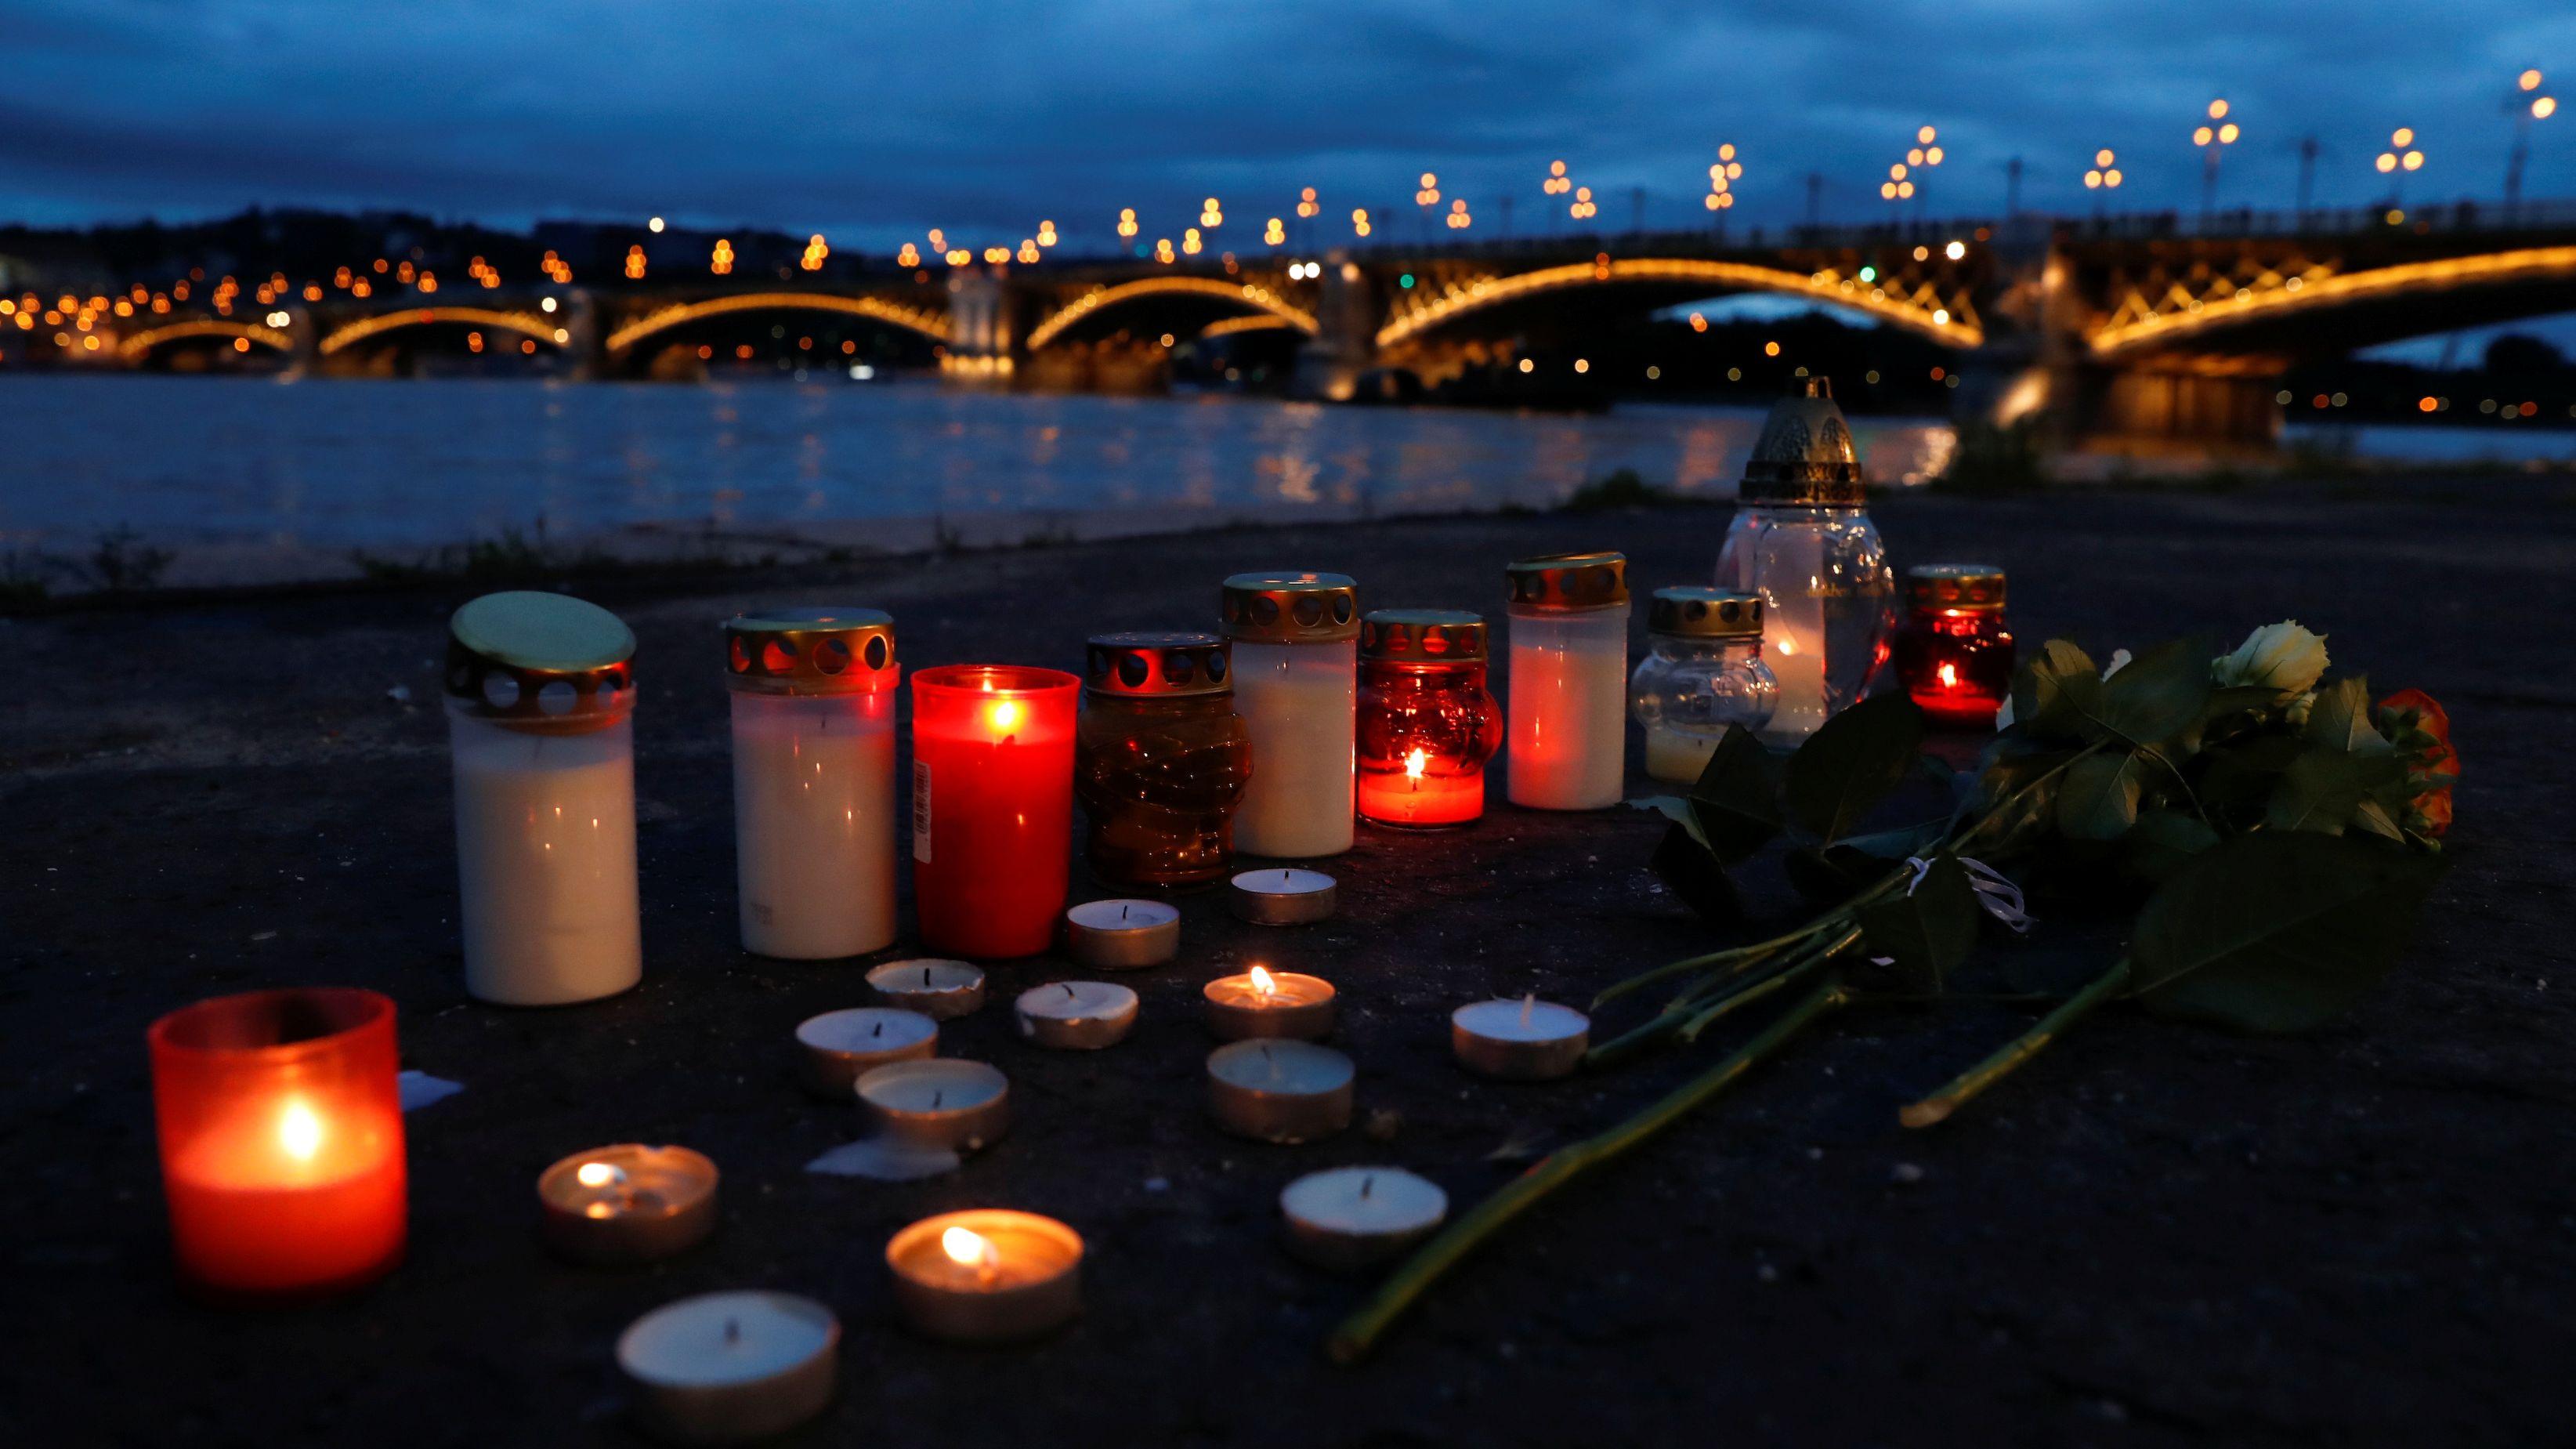 Kerzen am Ufer der Donau nach dem Schiffsunglück in Budapest